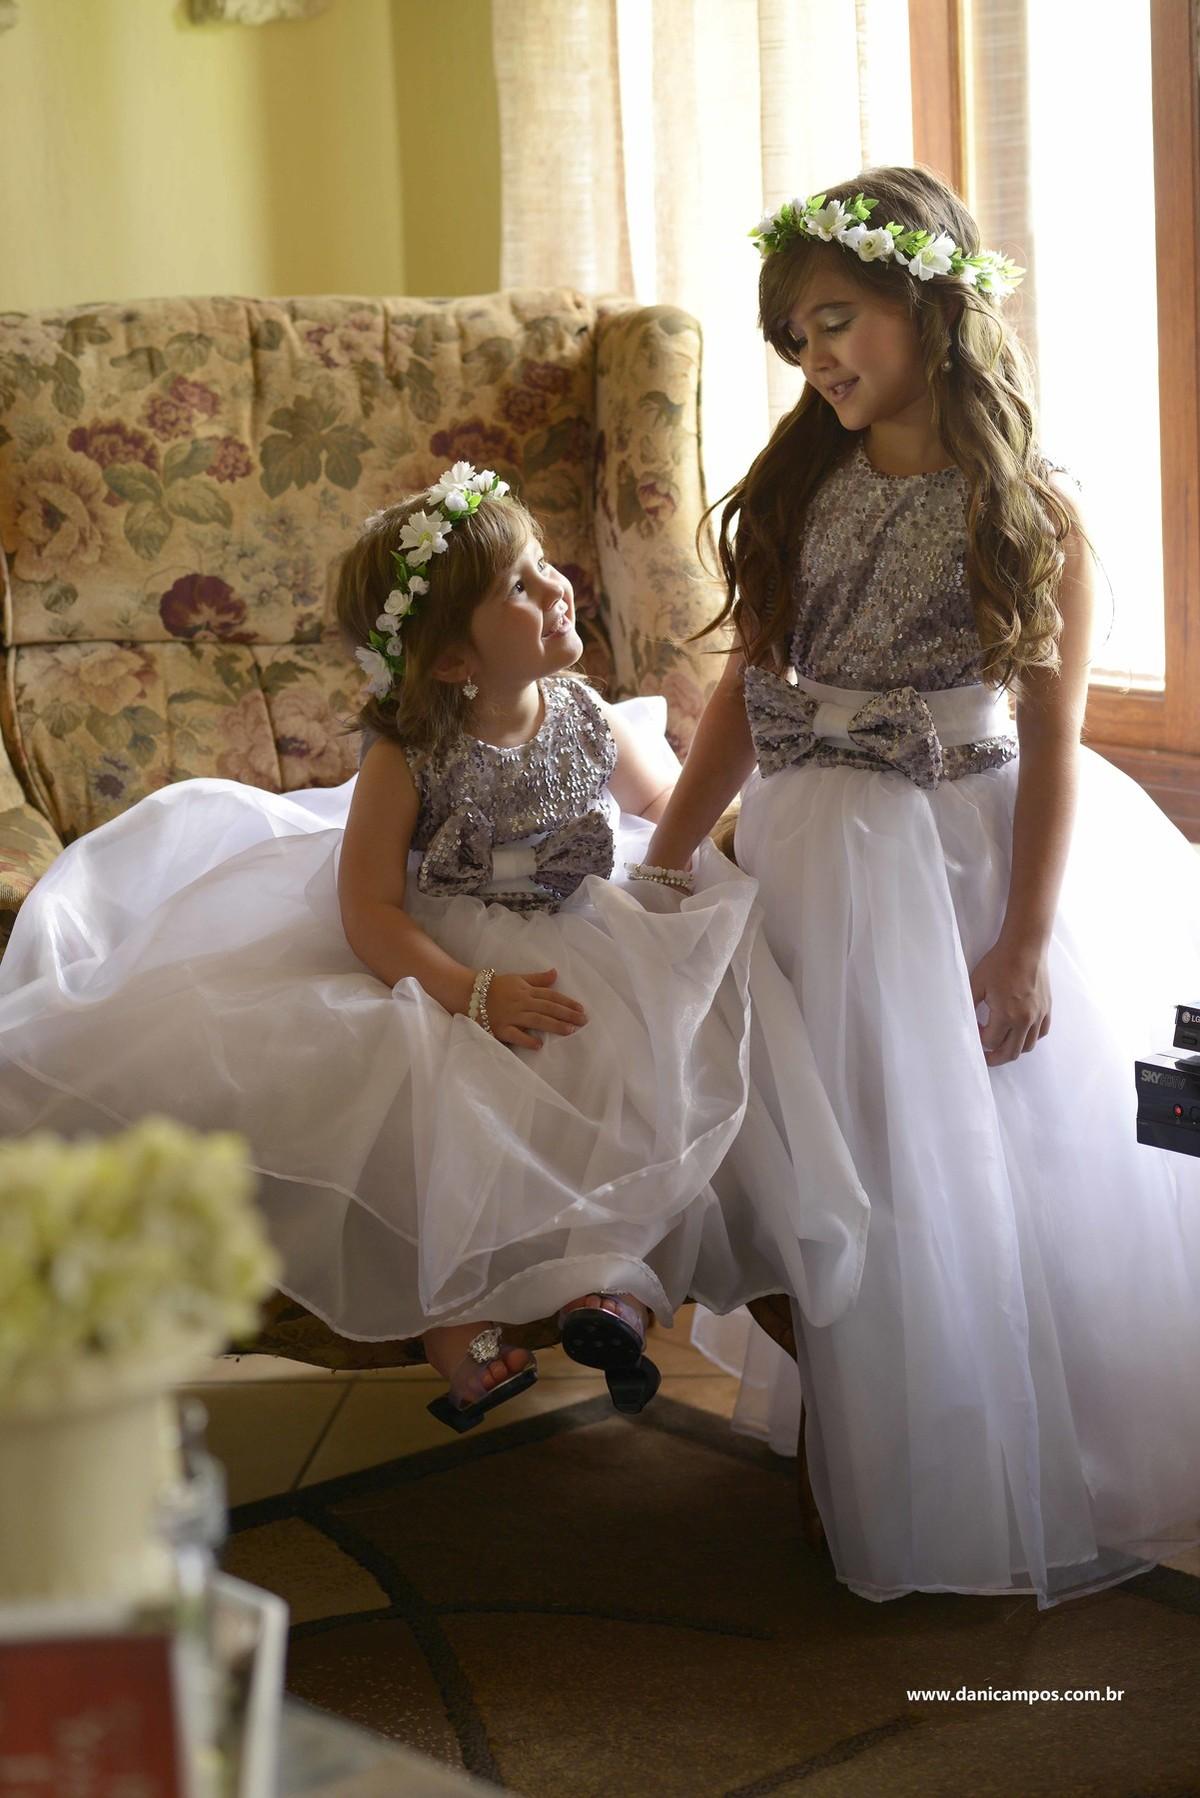 dani campos fotografia, casamento de dia, dama de casamento, daminha, casamento americano, casamento na praia, fotografa de casamento